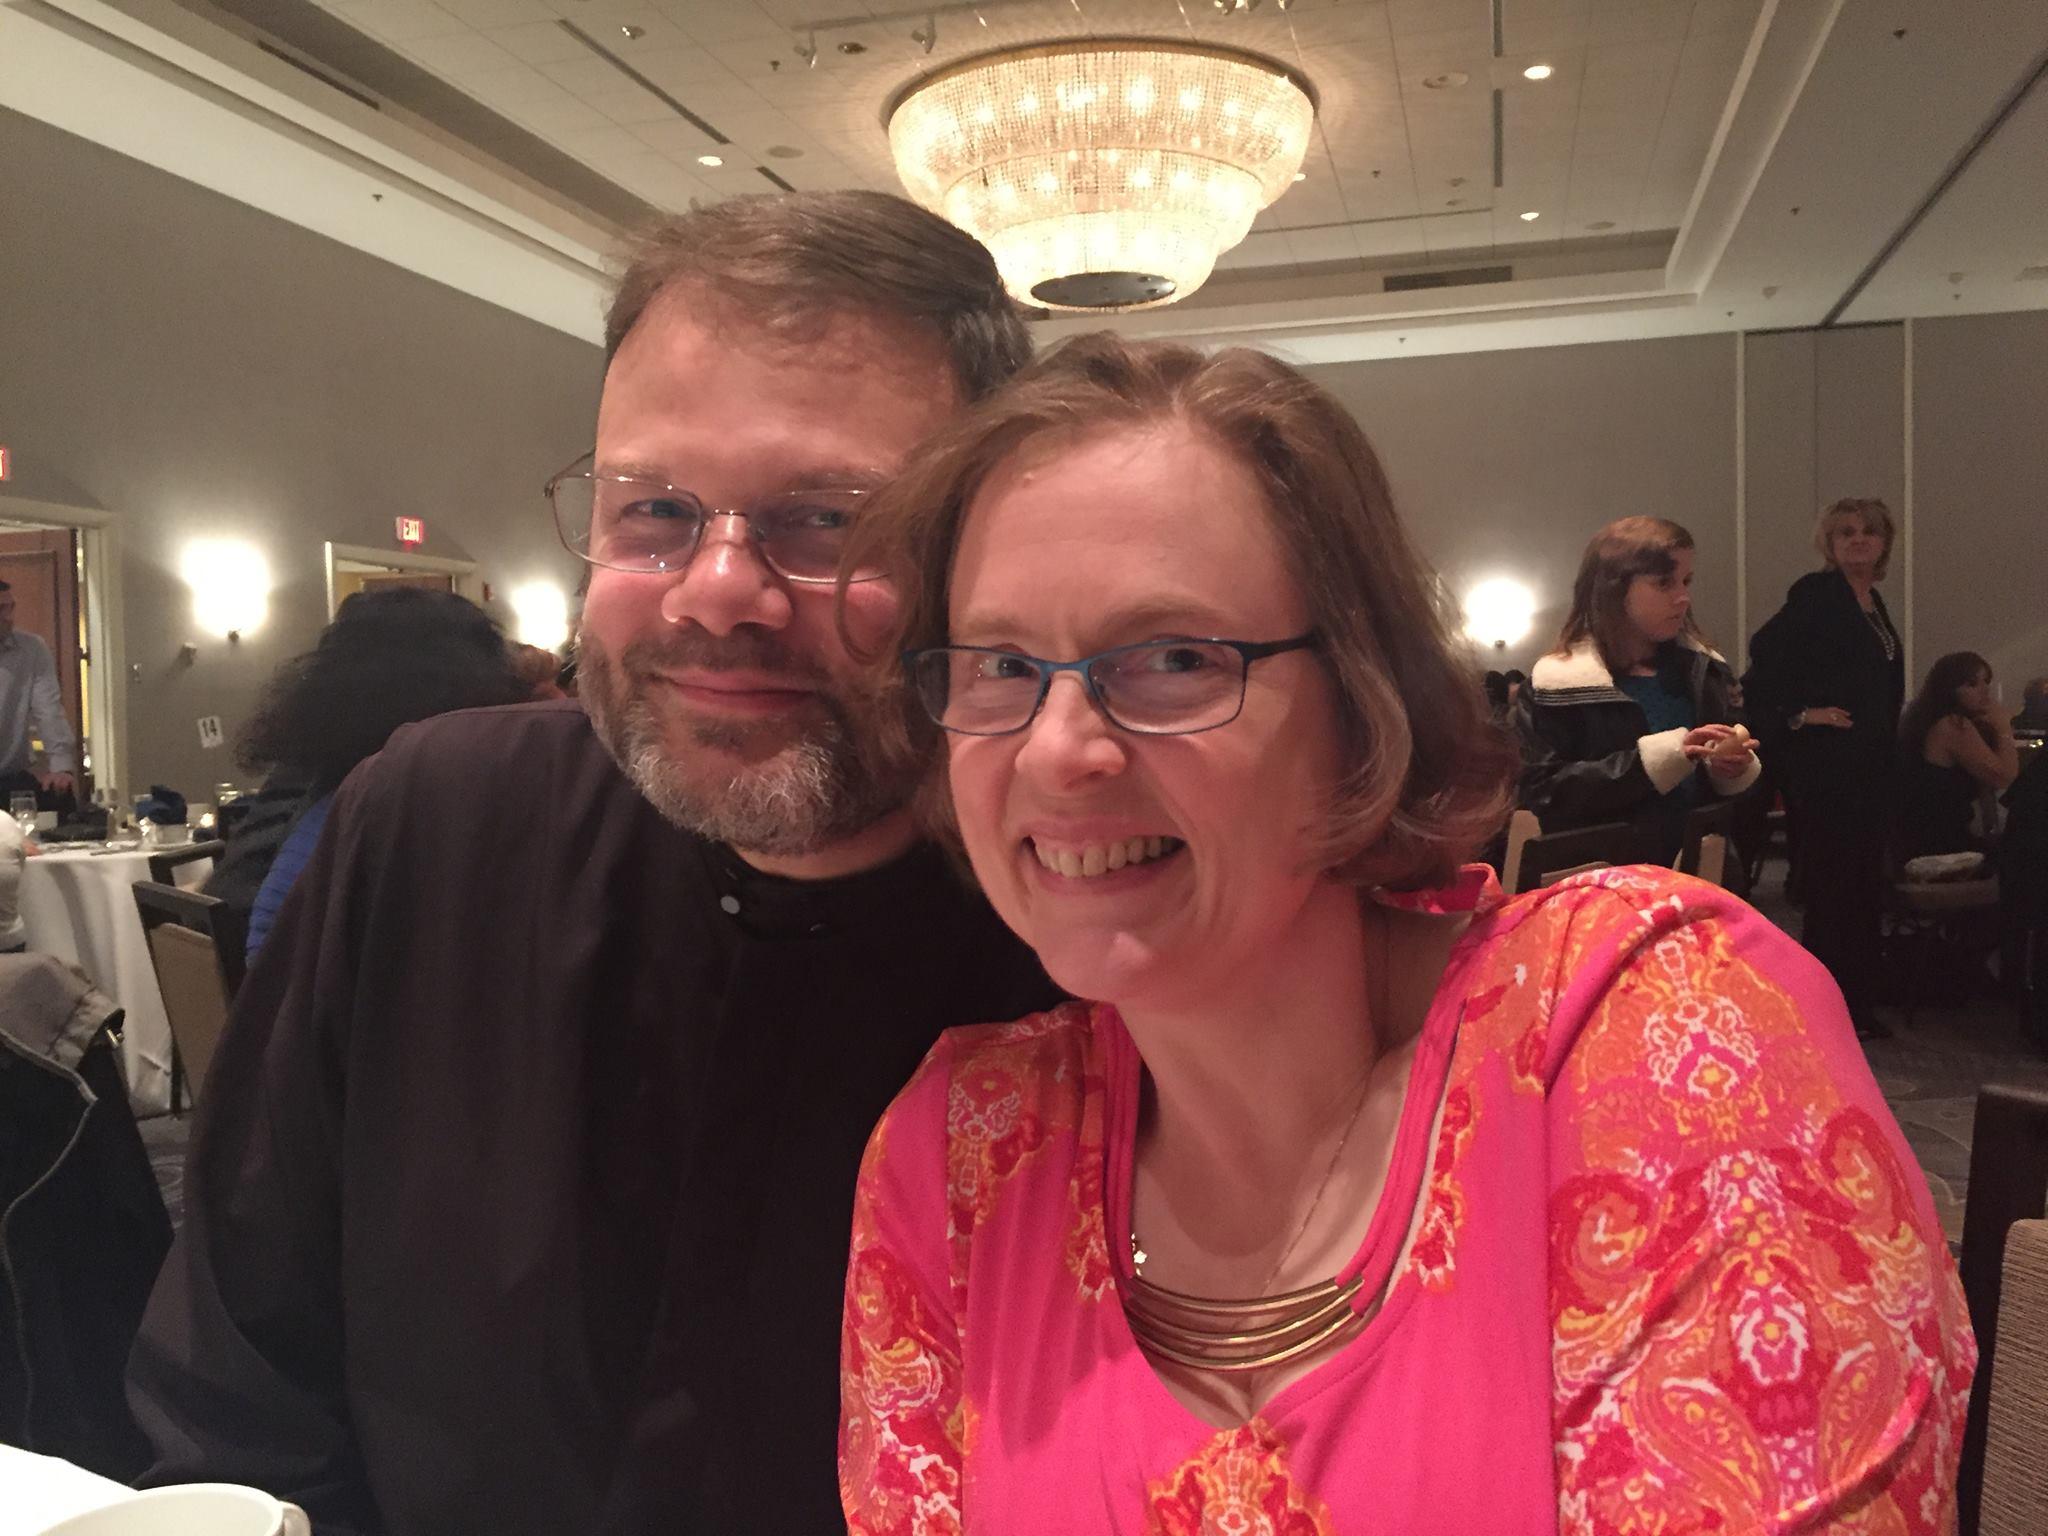 Father Mark & Presbytera Suzanne